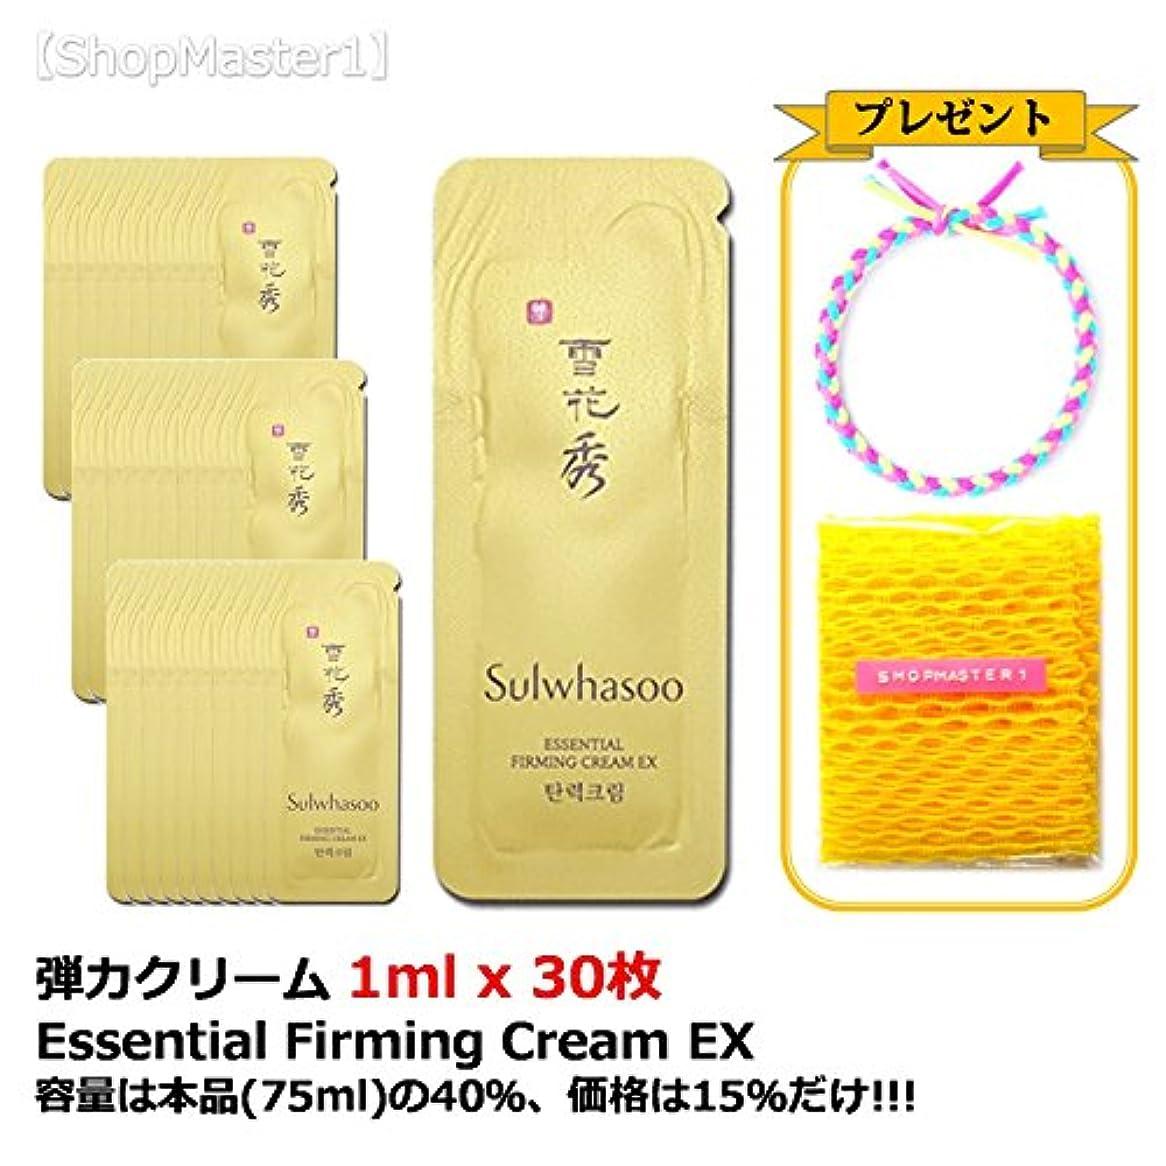 着るオリエント無し【Sulwhasoo ソルファス】 弾力クリーム お試しセット 1mlx30枚 Essential Firming Cream EX/プレゼント 編みたわし、ヘアタイ/海外直配送 [並行輸入品]